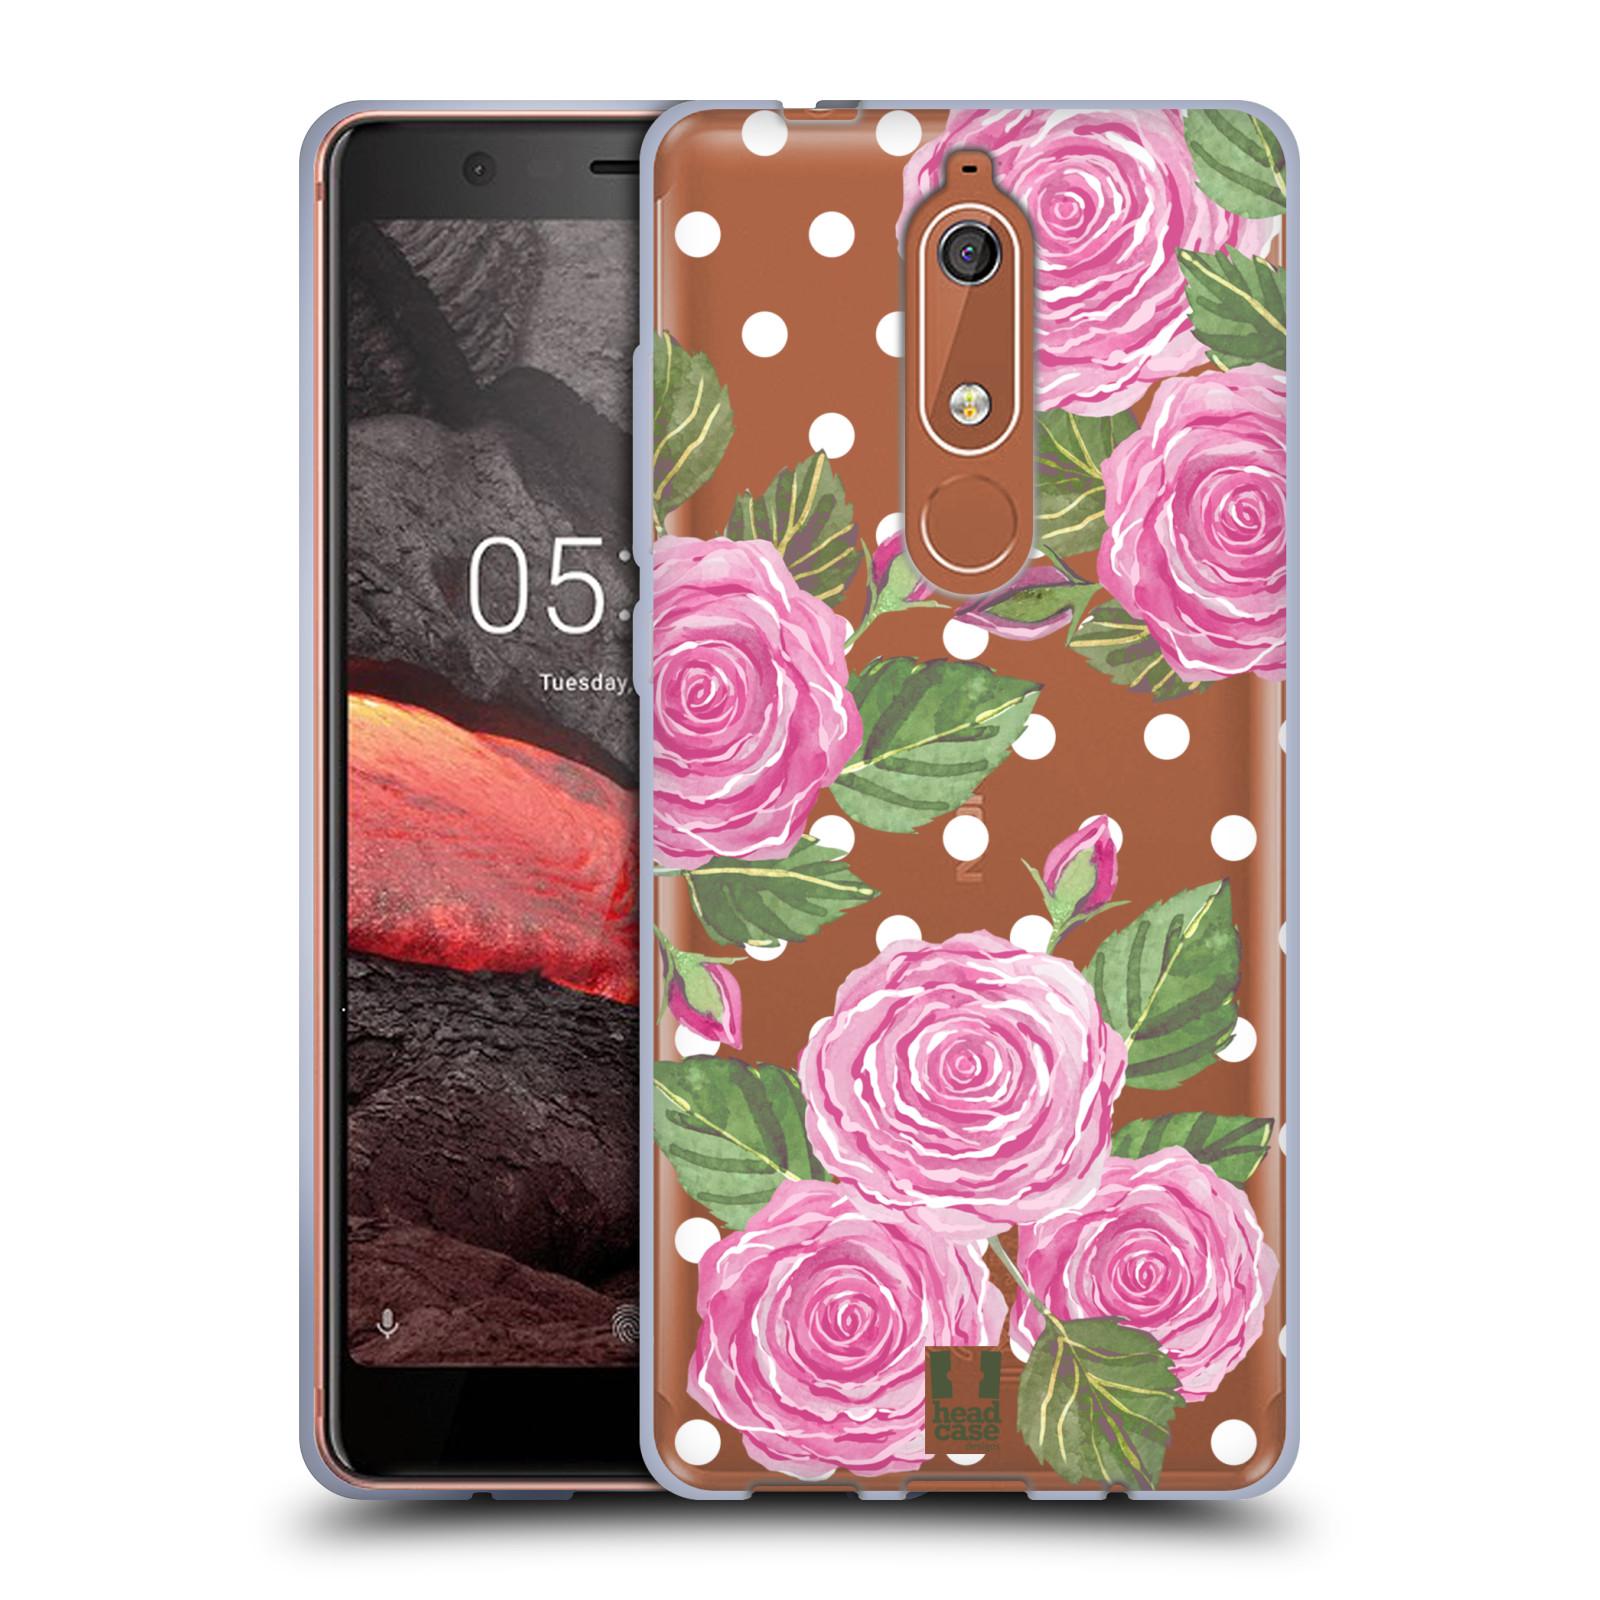 Silikonové pouzdro na mobil Nokia 5.1 - Head Case - Hezoučké růžičky - průhledné